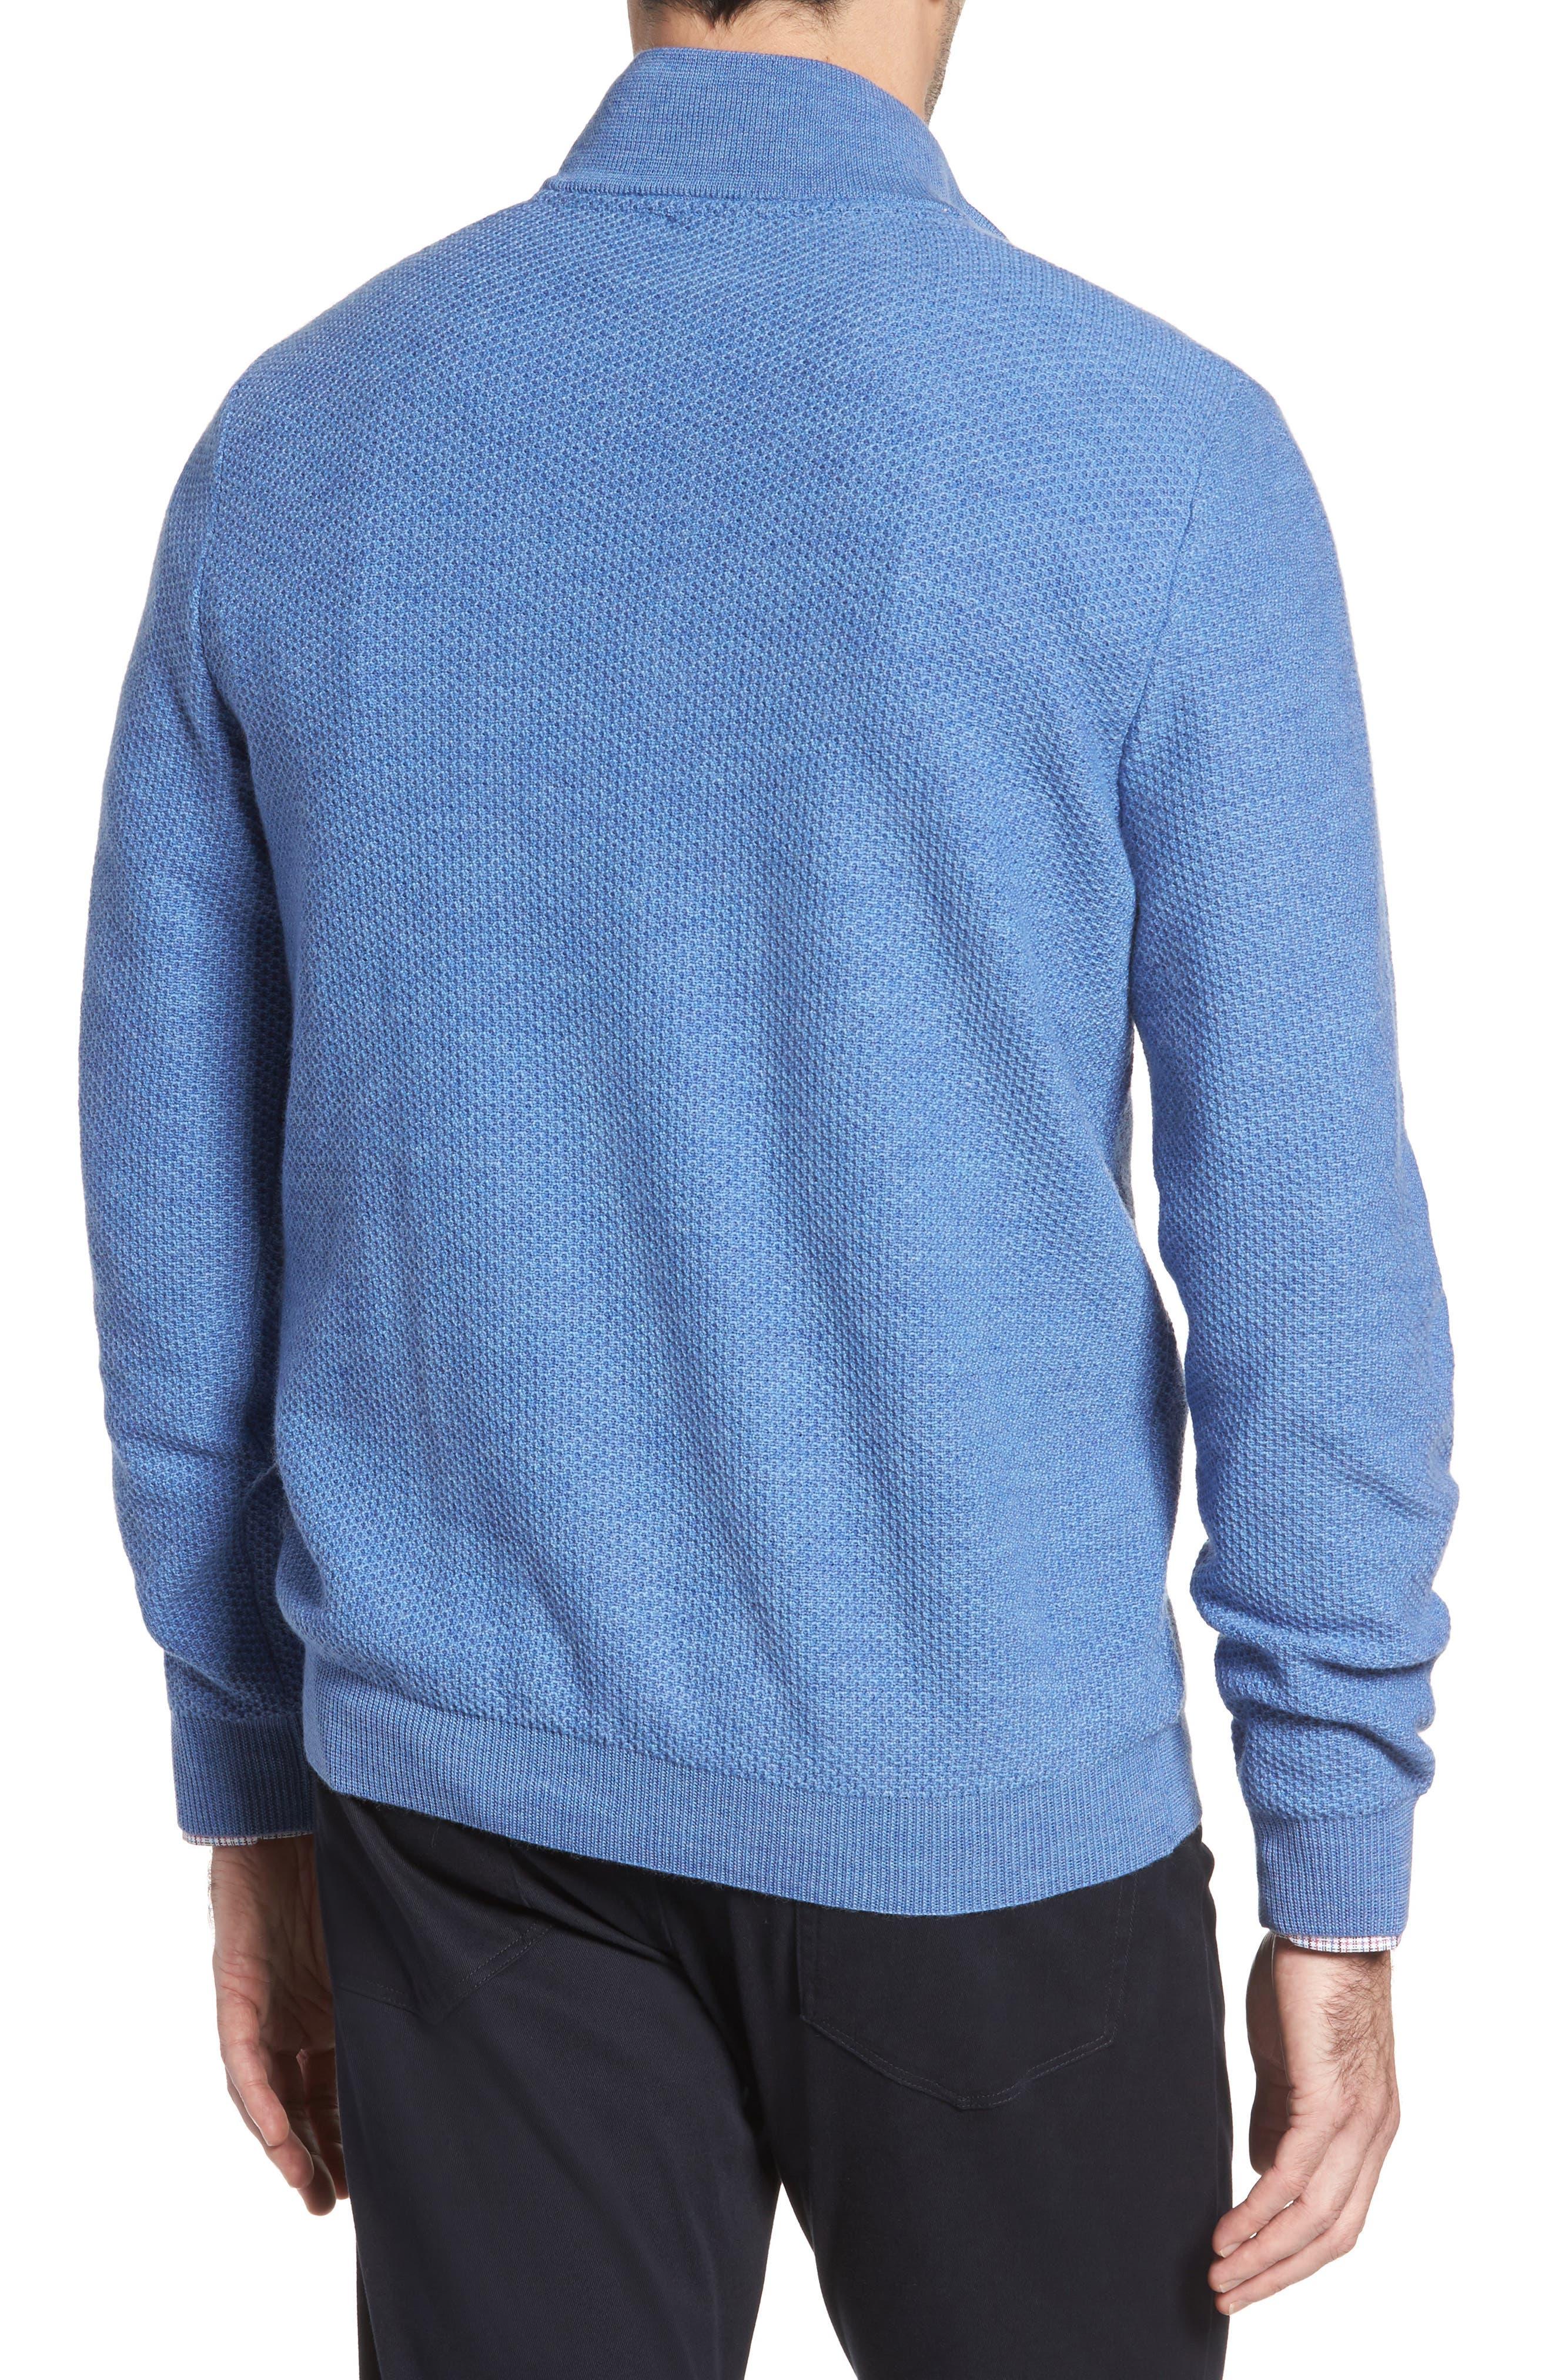 Alternate Image 2  - David Donahue Honeycomb Merino Wool Quarter Zip Pullover